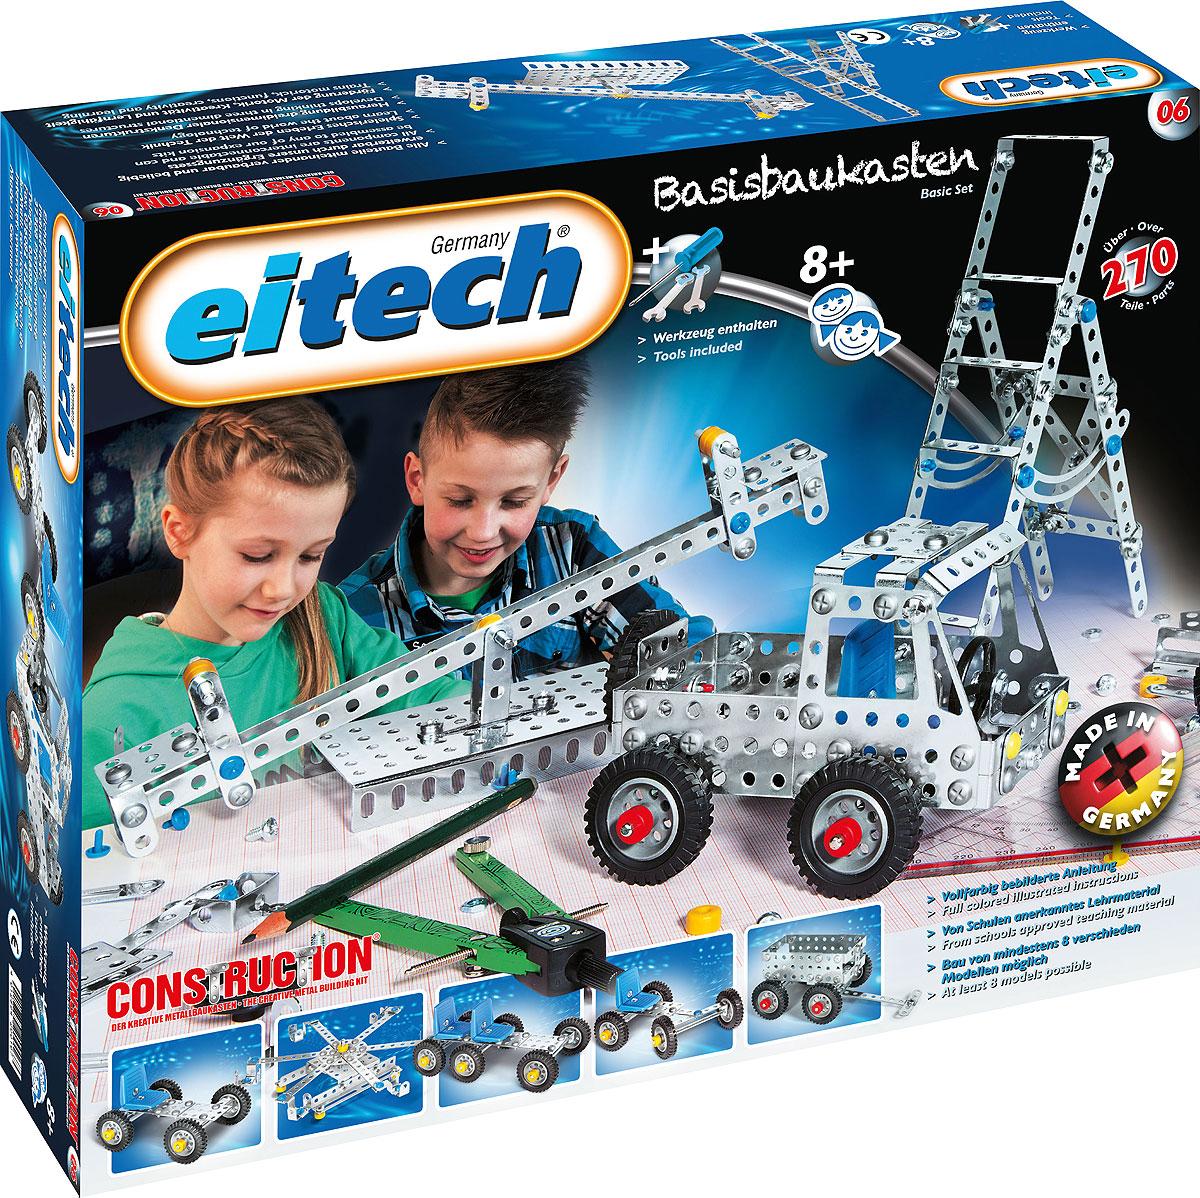 Eitech Конструктор Грузовик конструкторы eitech конструктор меxаник 250 деталей